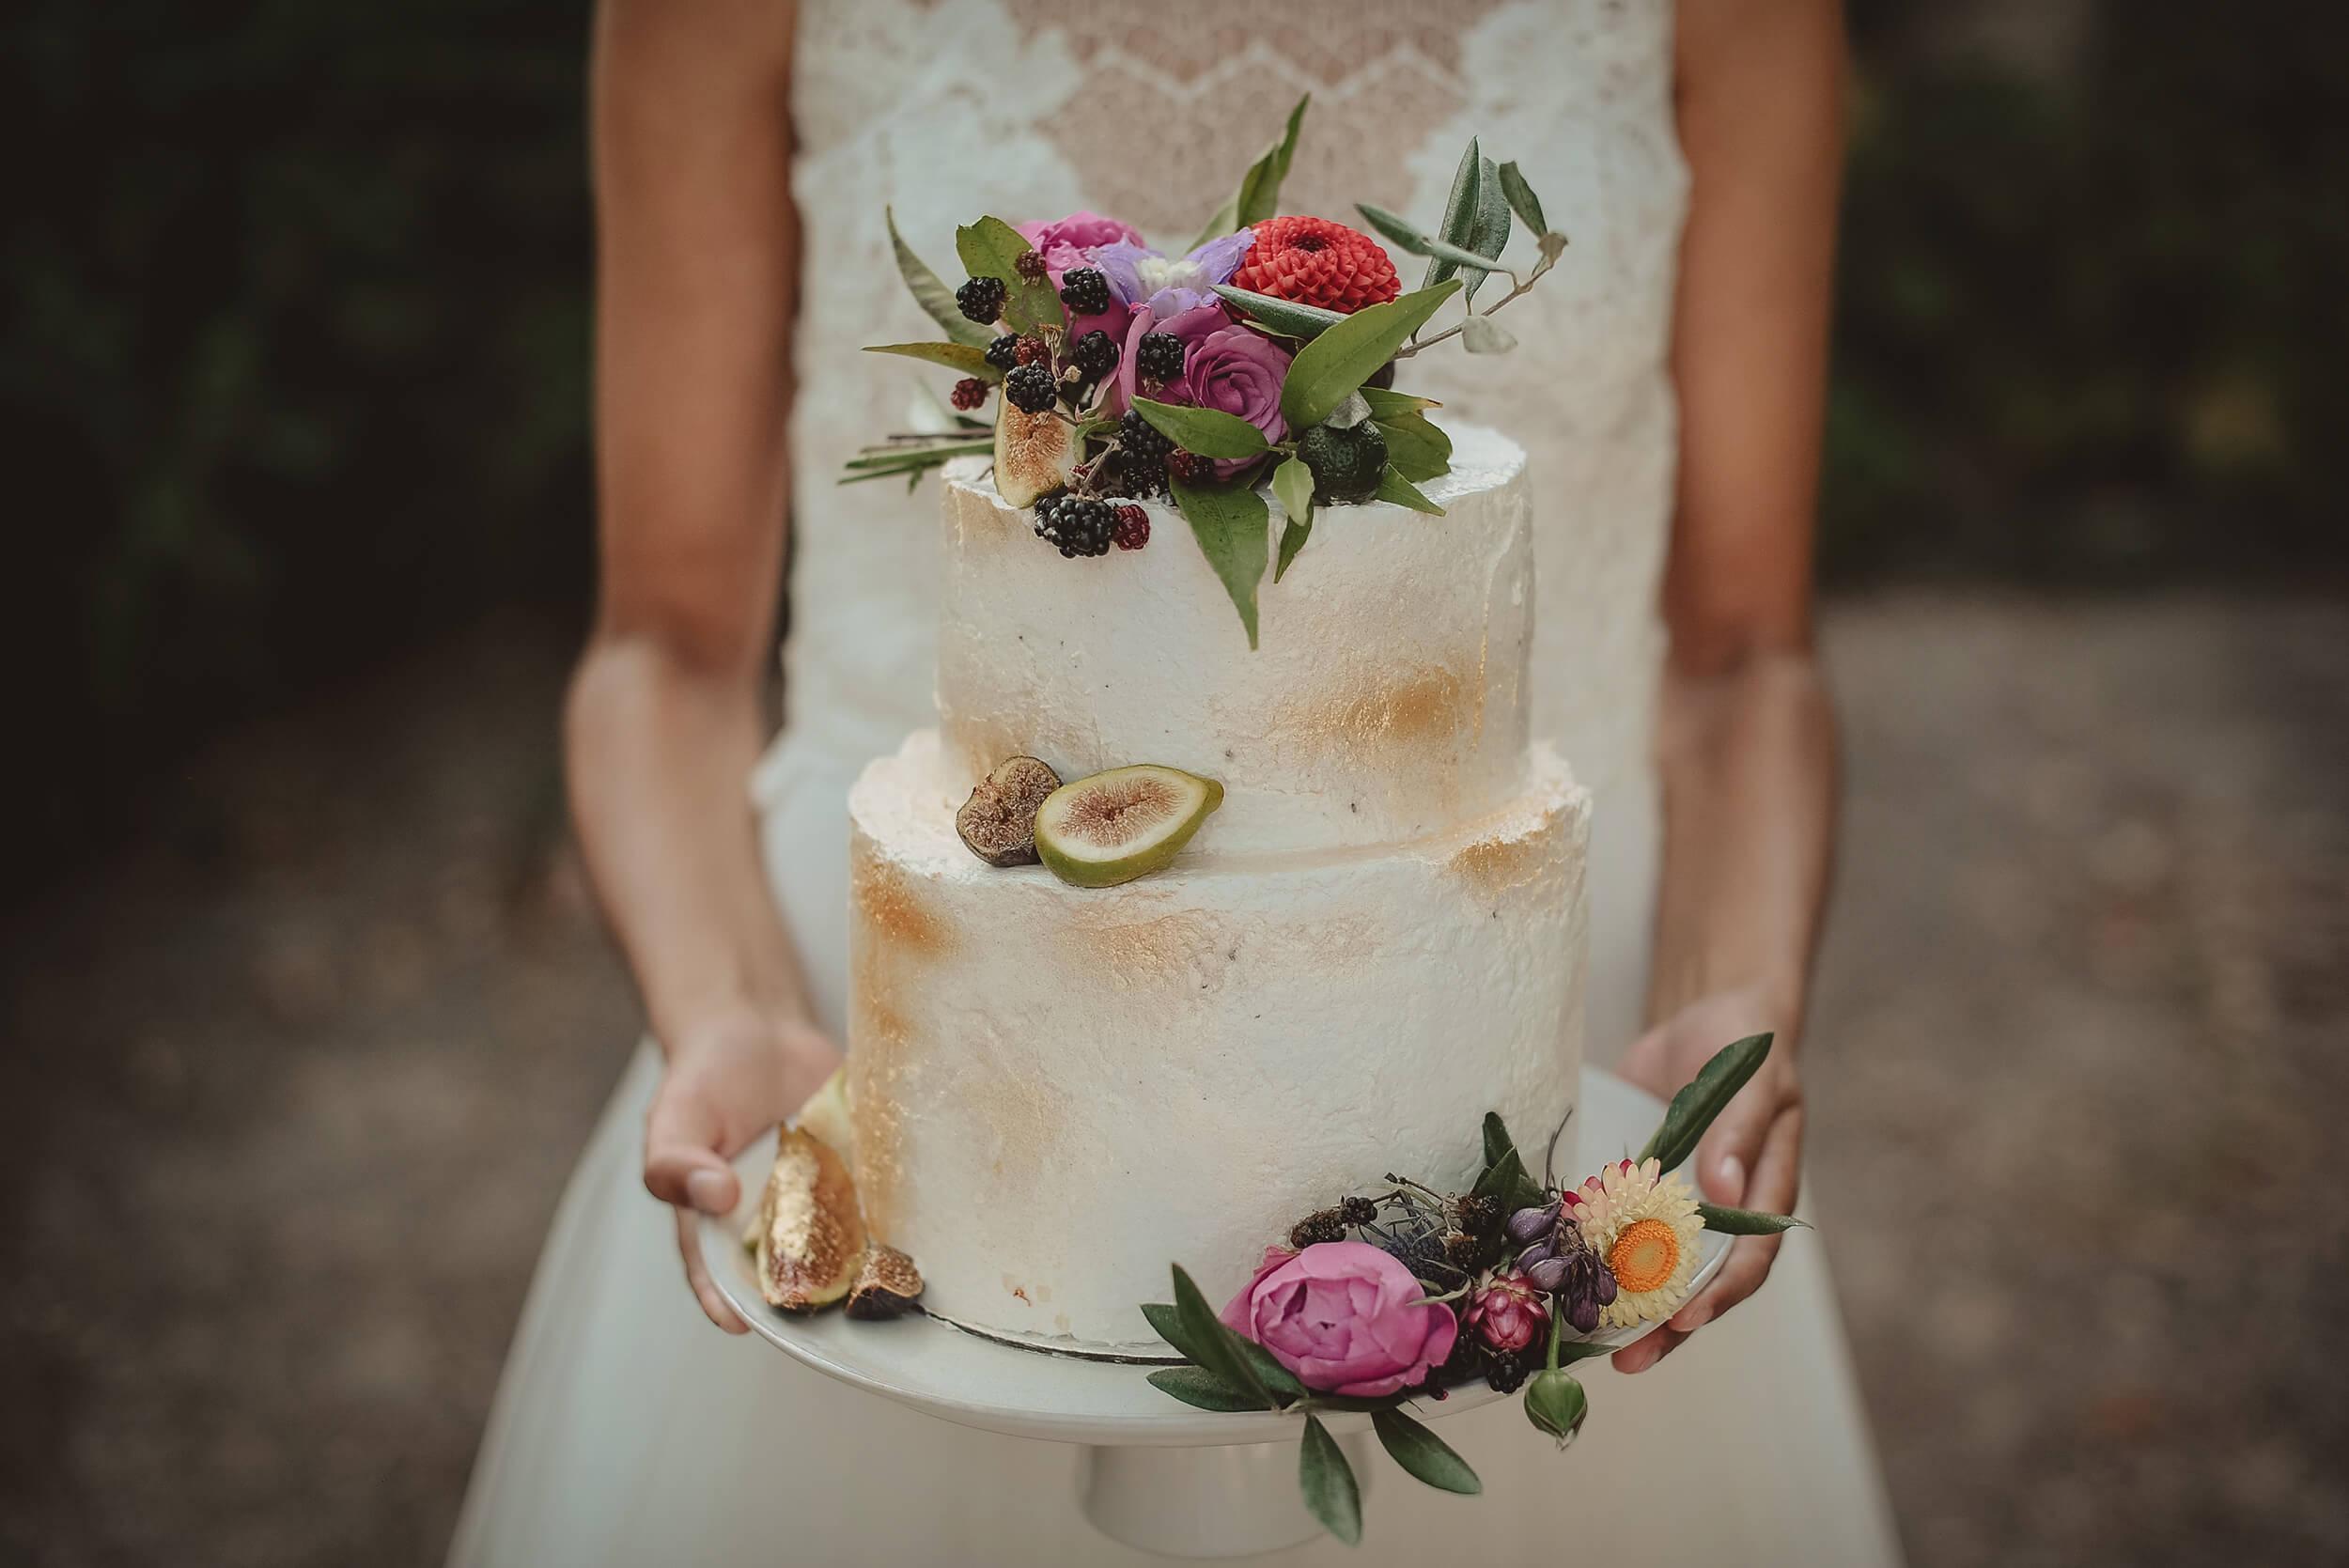 roma-organizacao-eventos-editorial-casamento-colorful-wedding-33